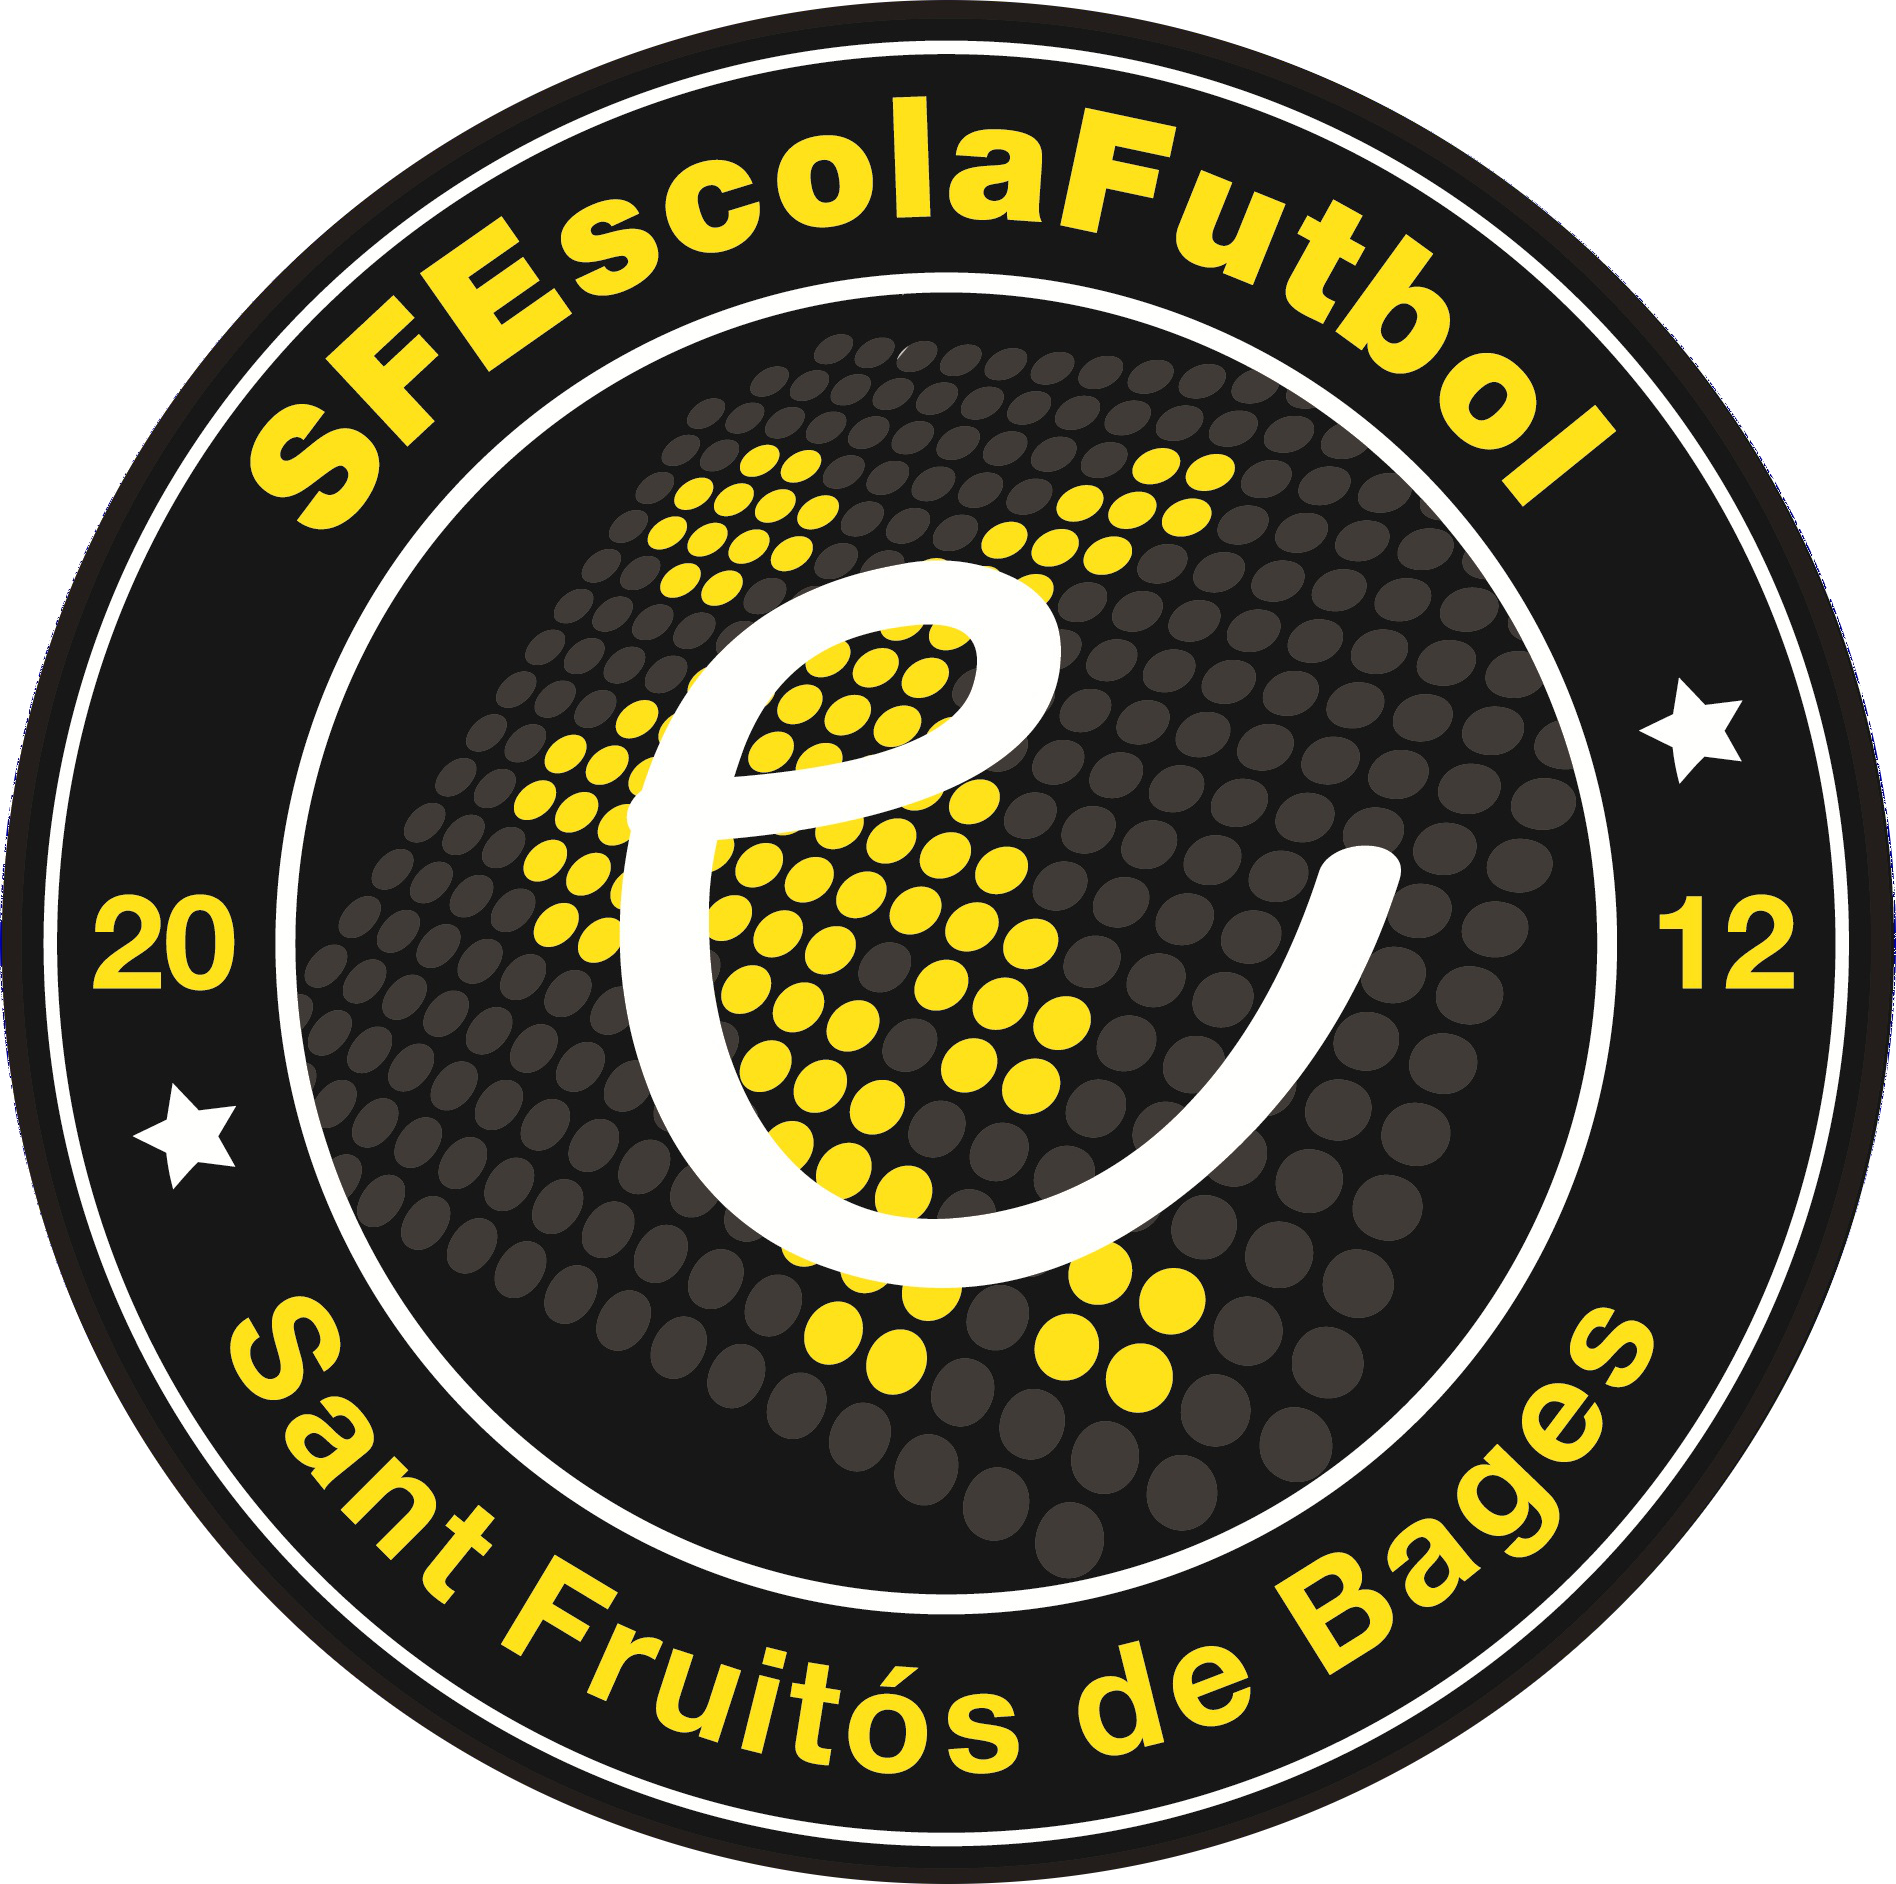 Sant Fruitós Escola de Futbol